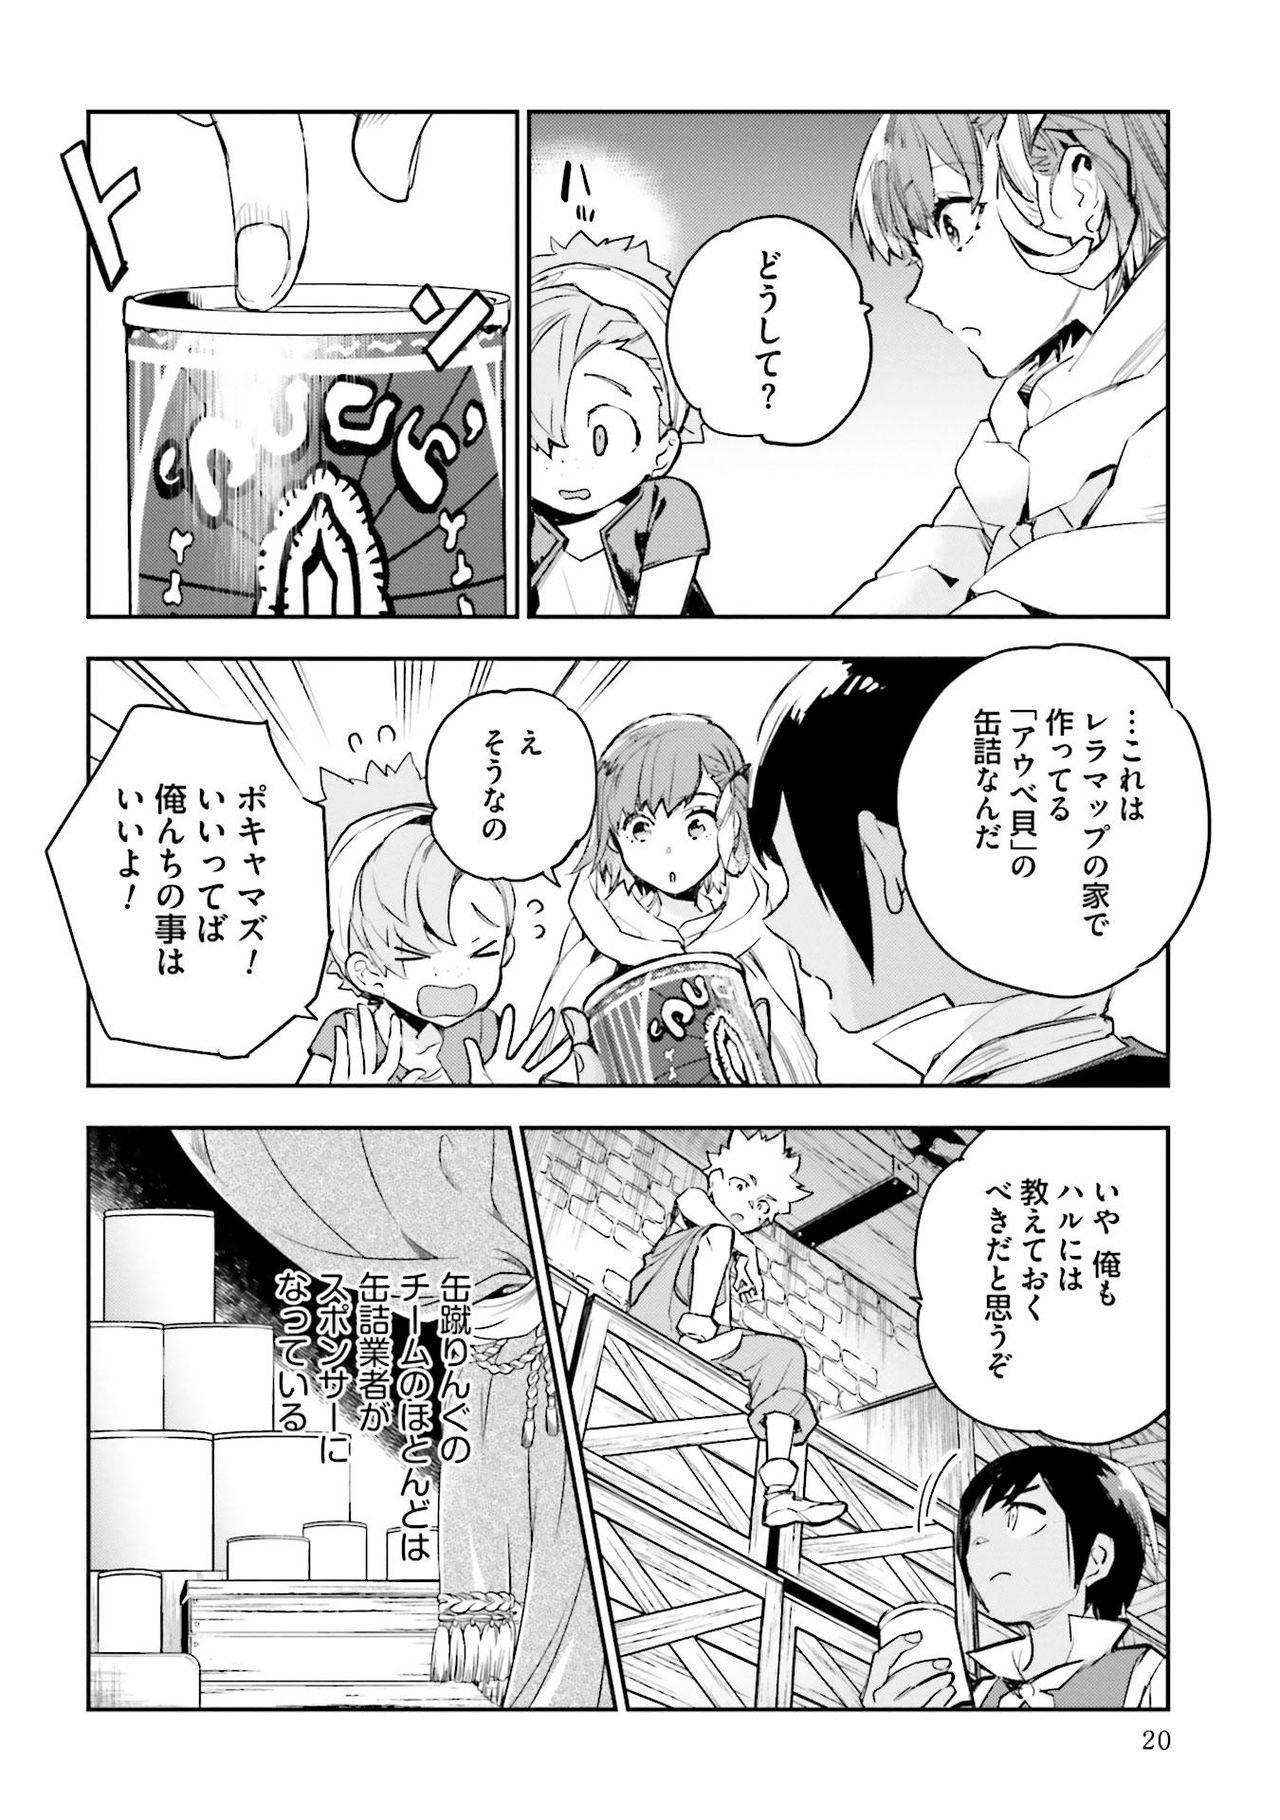 JK Haru wa Isekai de Shoufu ni Natta 1-14 379